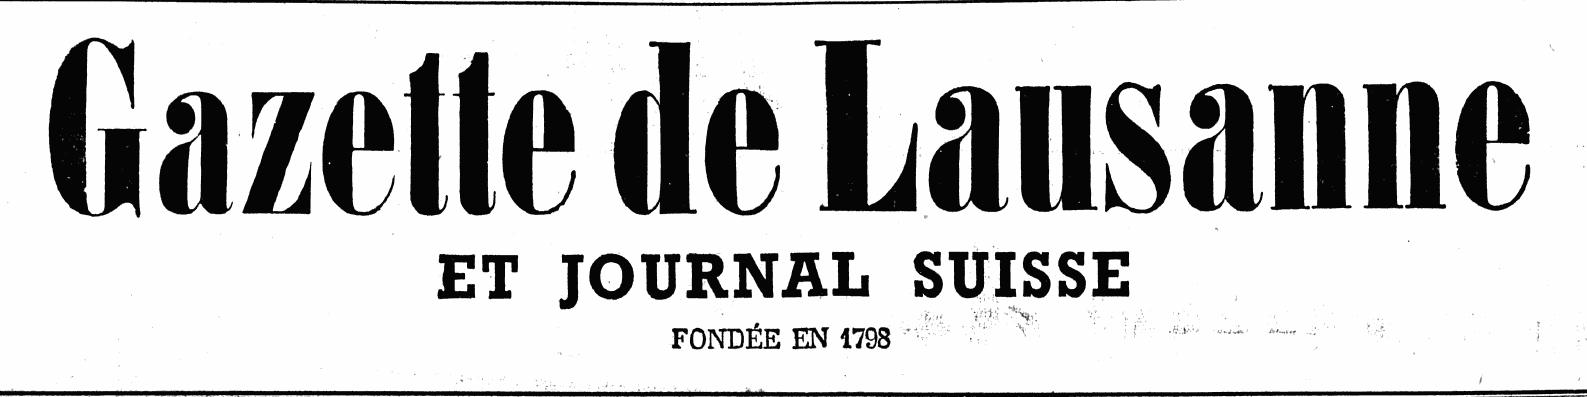 La gazette de Lausanne